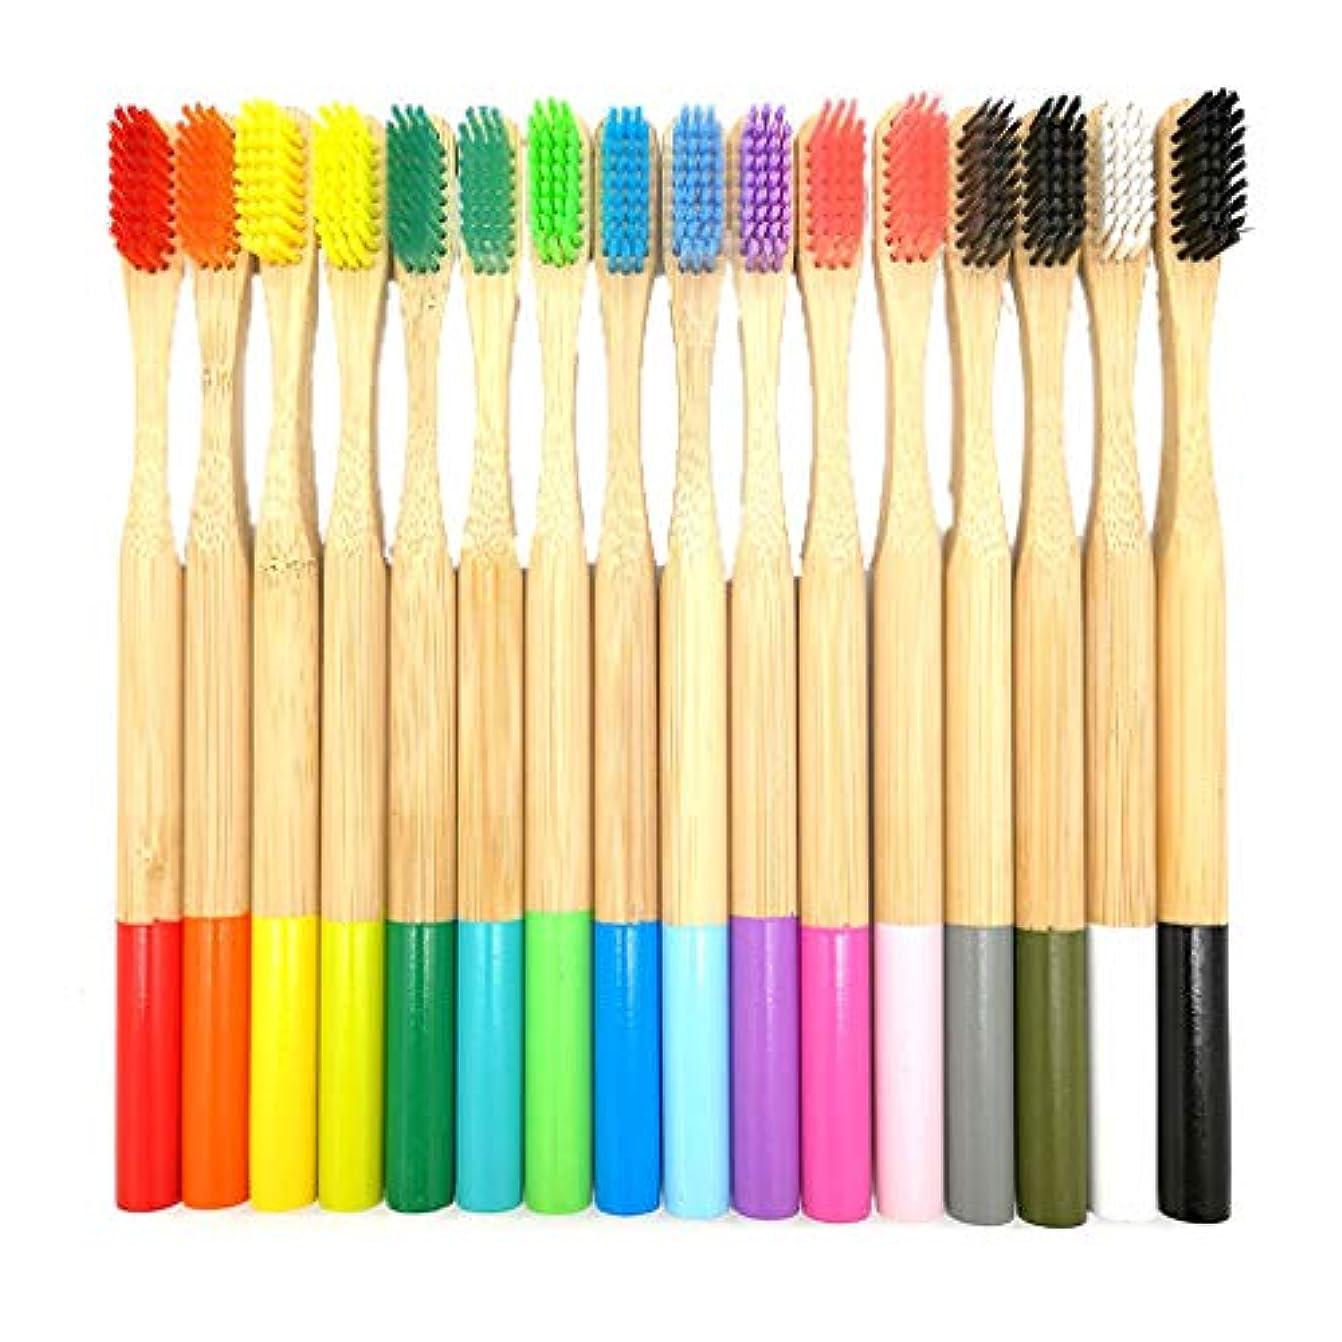 キャメルジーンズチチカカ湖Lazayyii 成人 竹製の歯ブラシ オーラルケア 竹繊維 やわらかい歯ブラシ 人気16本 (マルチカラー)